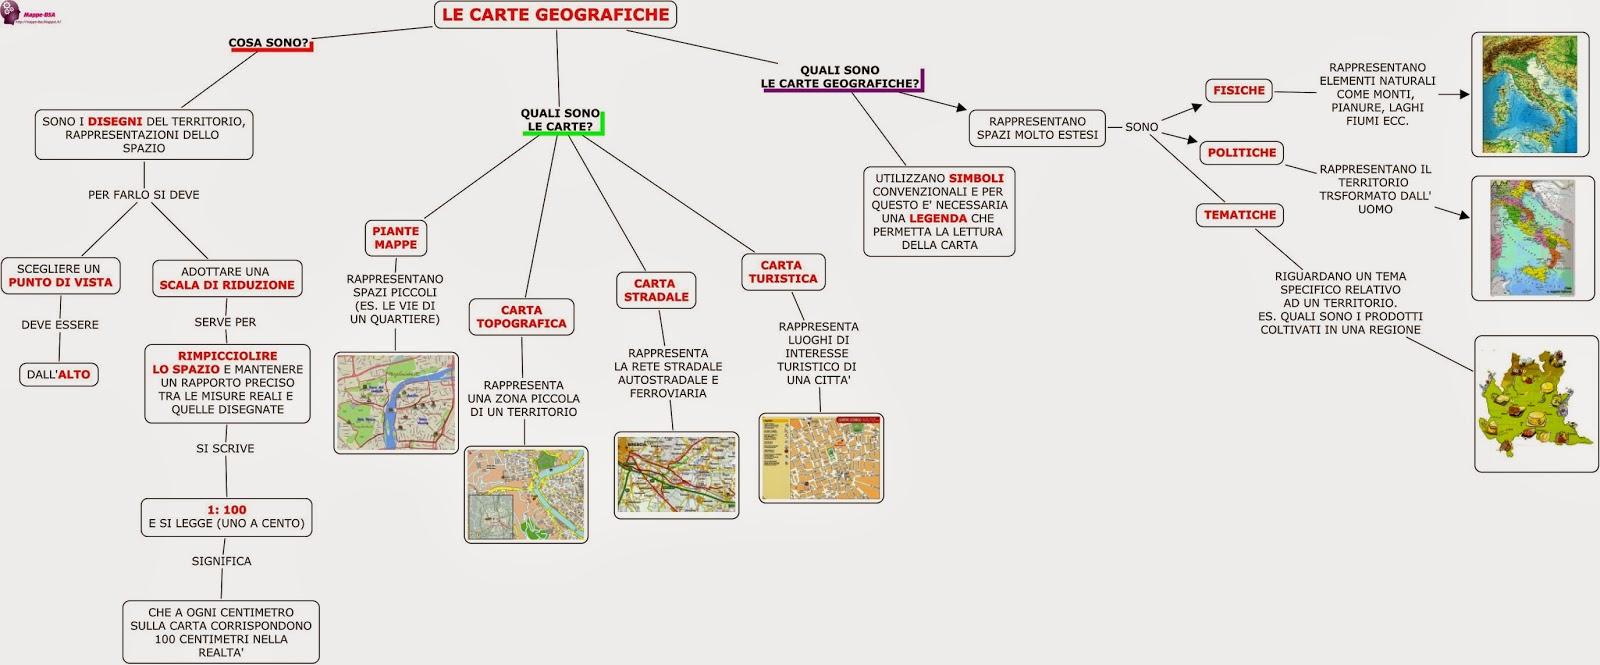 mappa dsa geografia carte